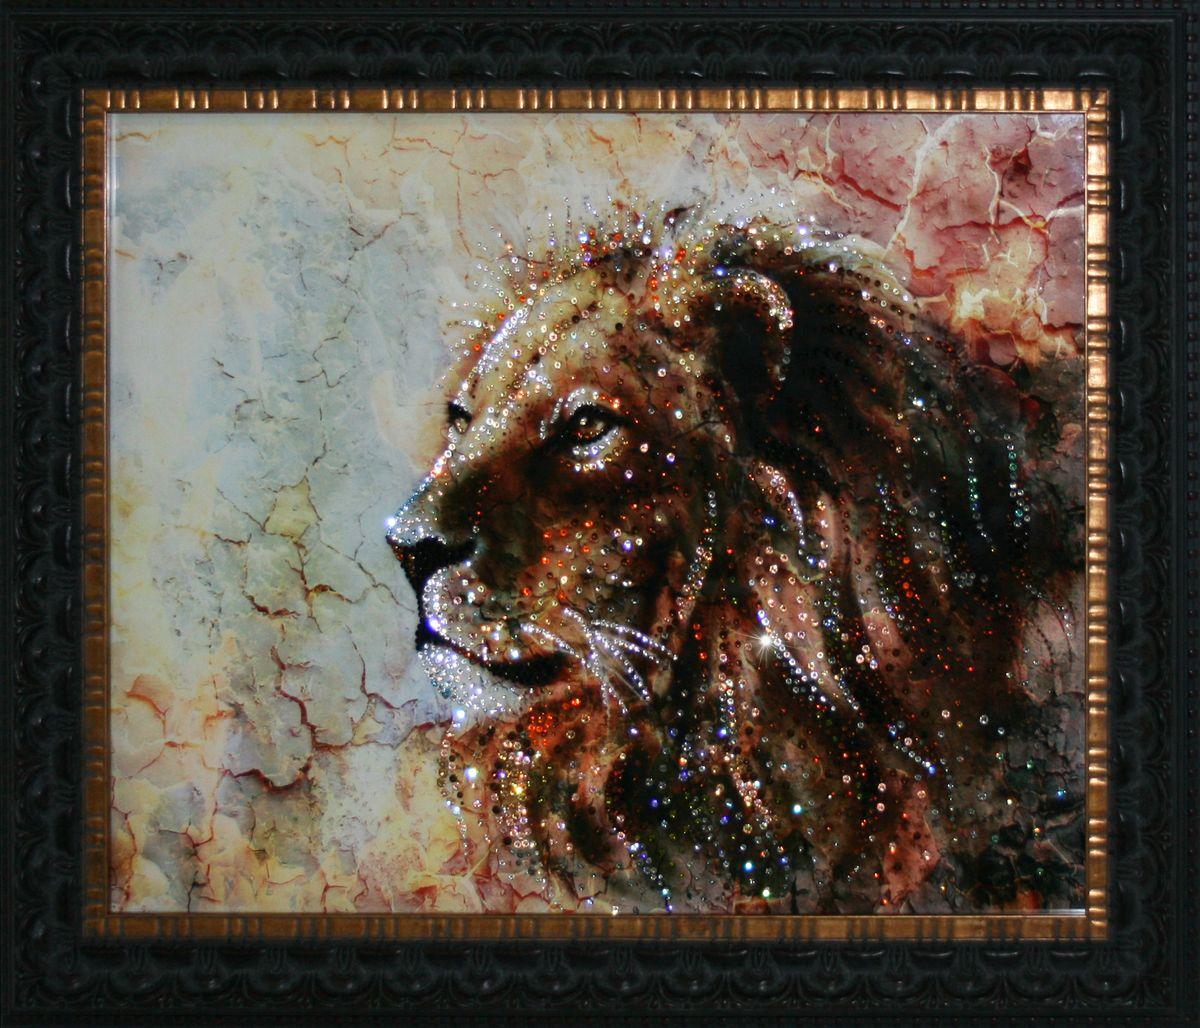 1722 Картина СваровскиМраморный лев1722Картина в багете, инкрустированная кристалами сваровски